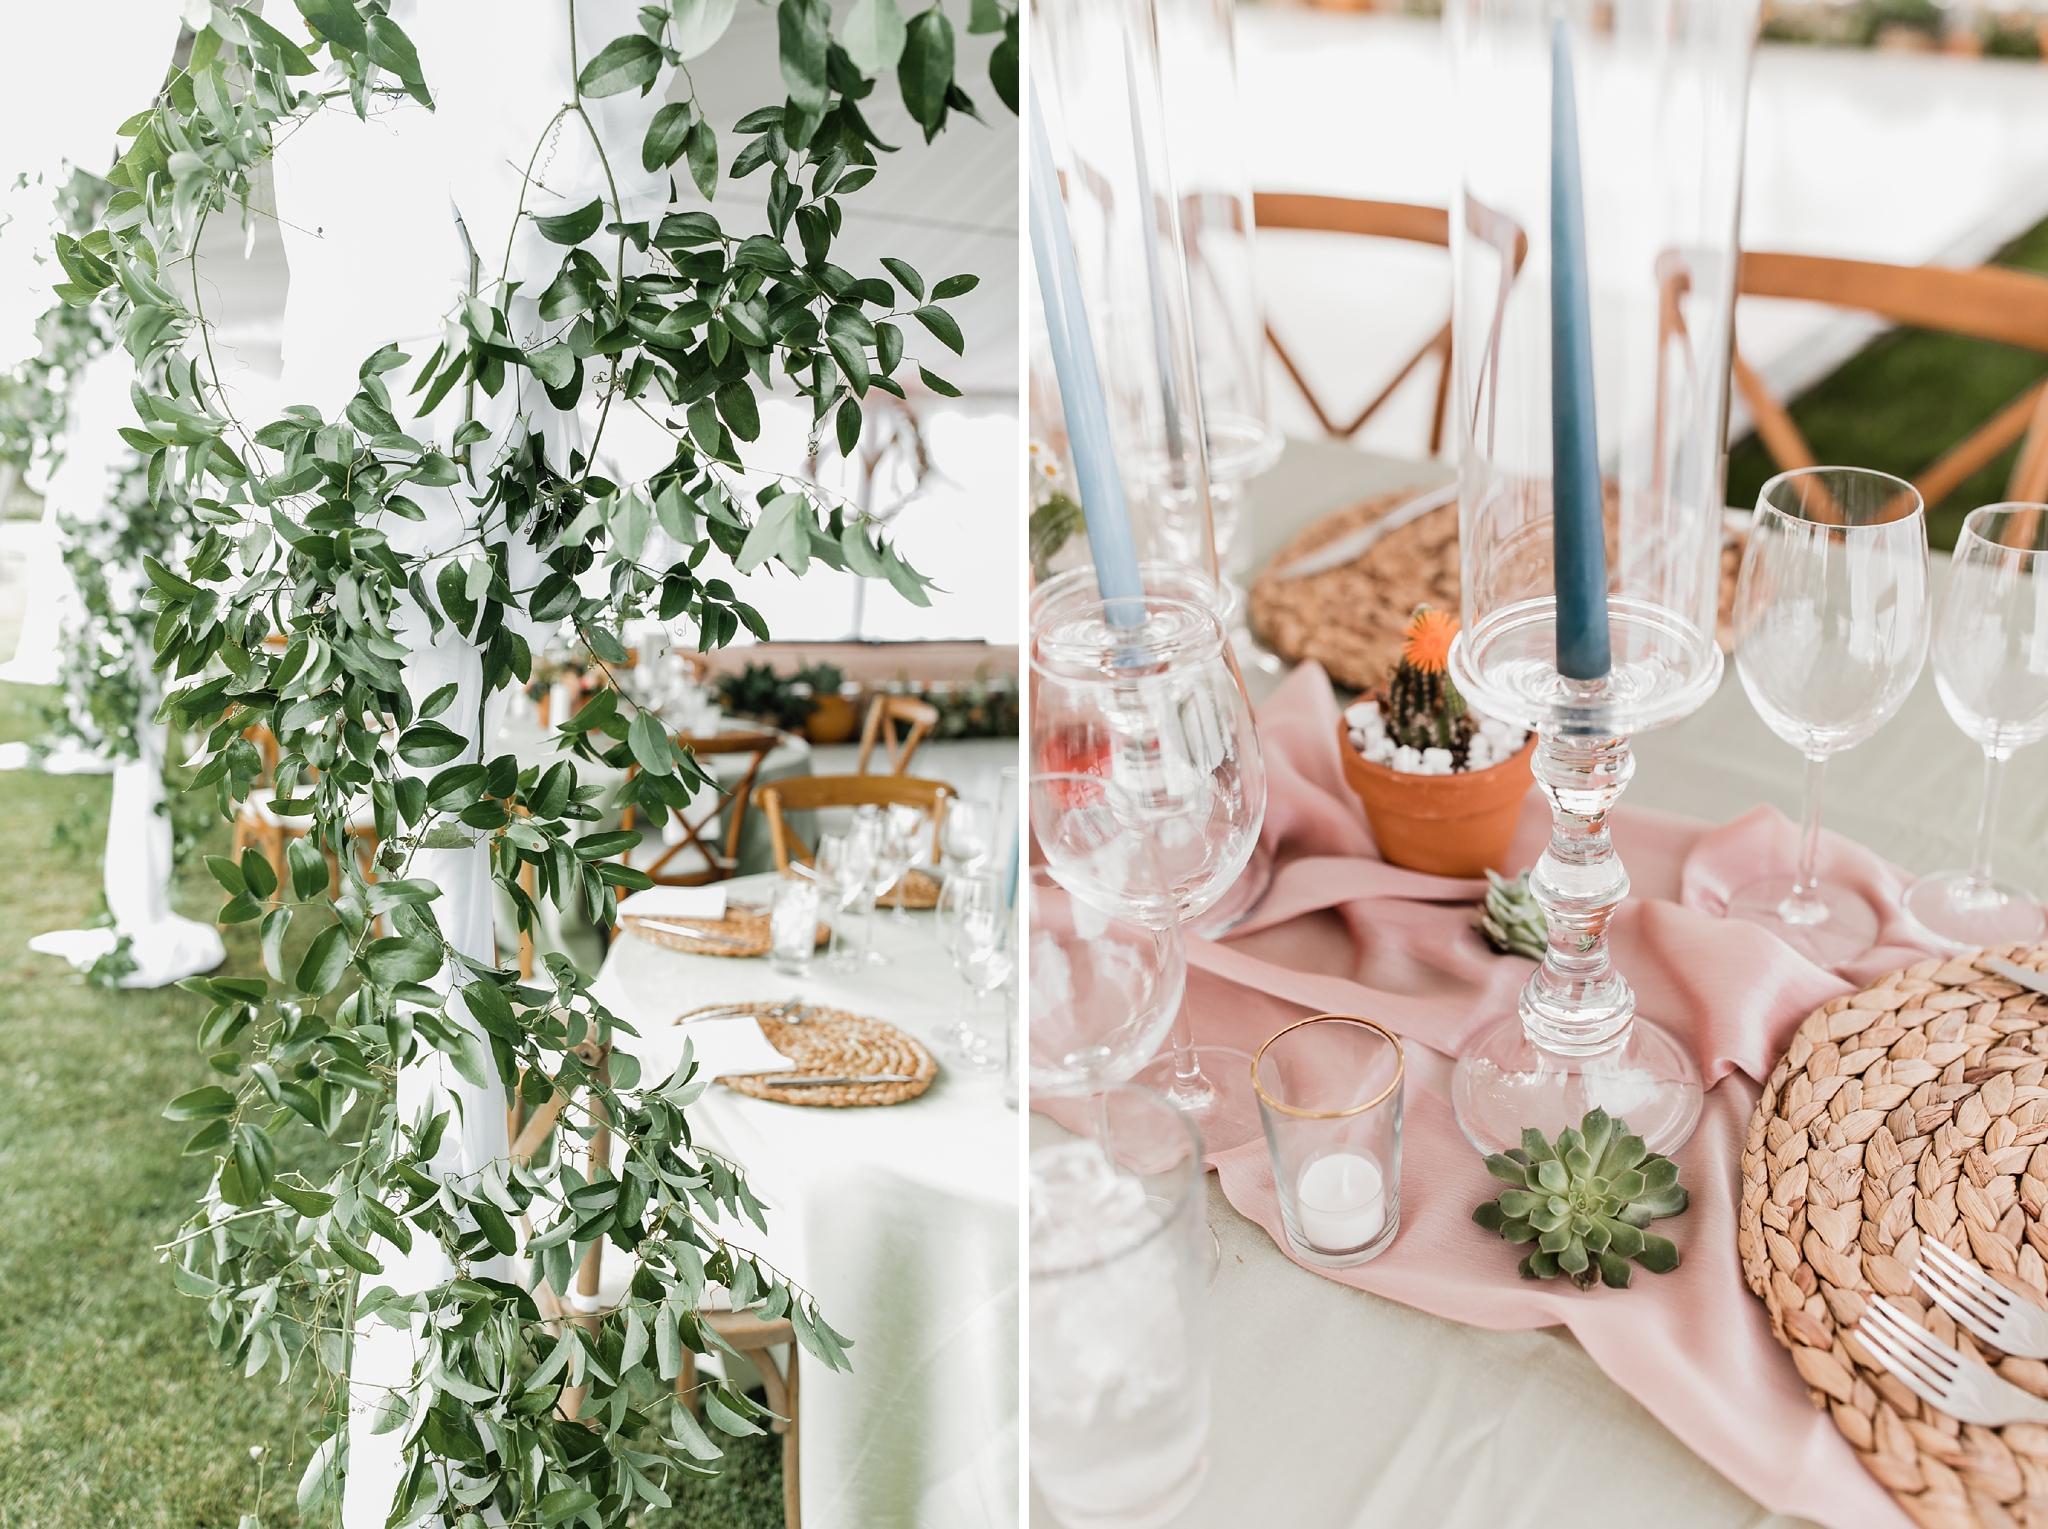 Alicia+lucia+photography+-+albuquerque+wedding+photographer+-+santa+fe+wedding+photography+-+new+mexico+wedding+photographer+-+new+mexico+wedding+-+las+campanas+wedding+-+santa+fe+wedding+-+maximalist+wedding+-+destination+wedding_0125.jpg